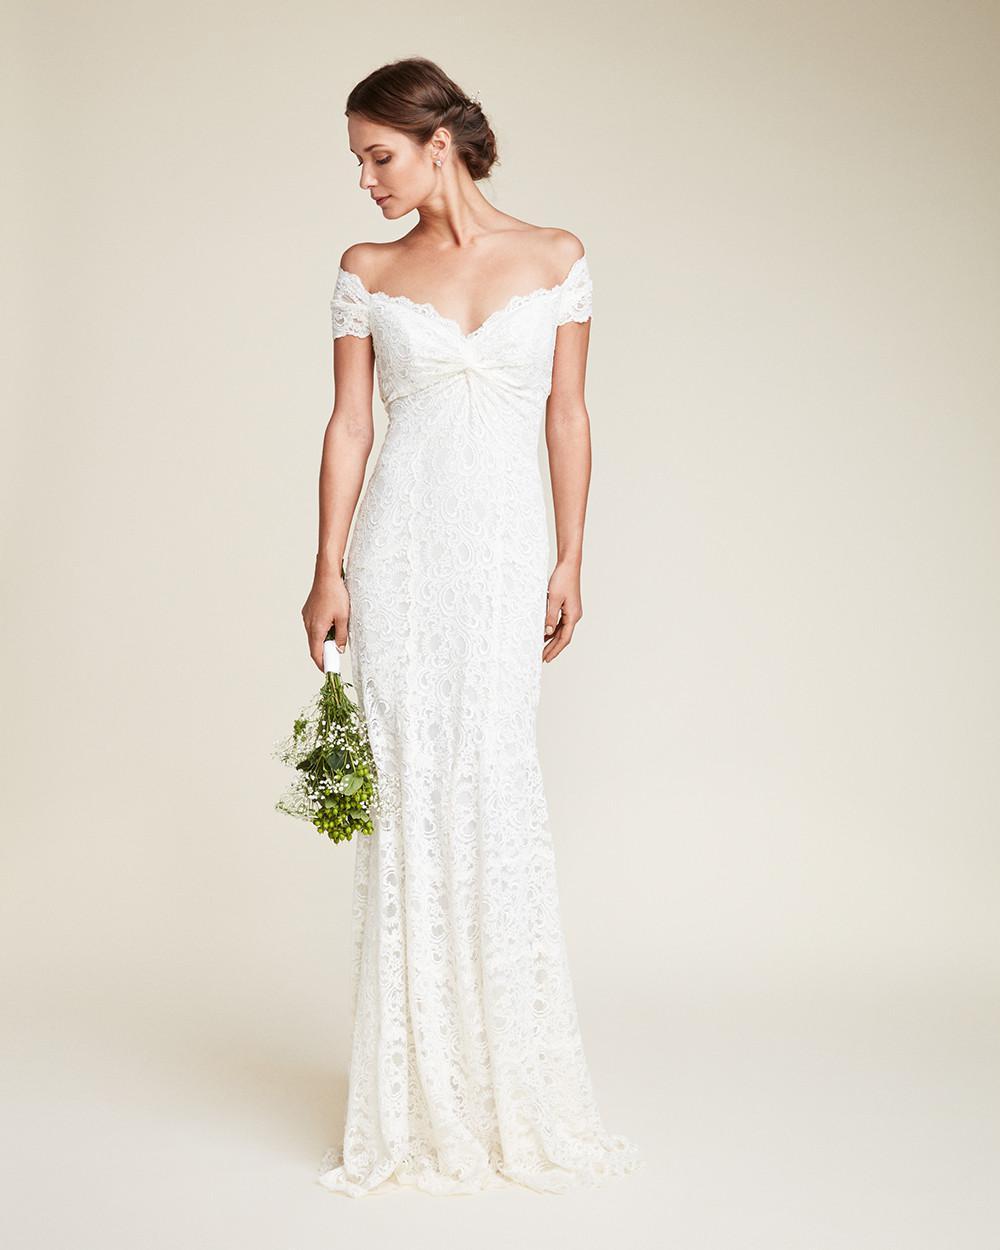 Lyst - Nicole Miller Juliet Bridal Gown in White